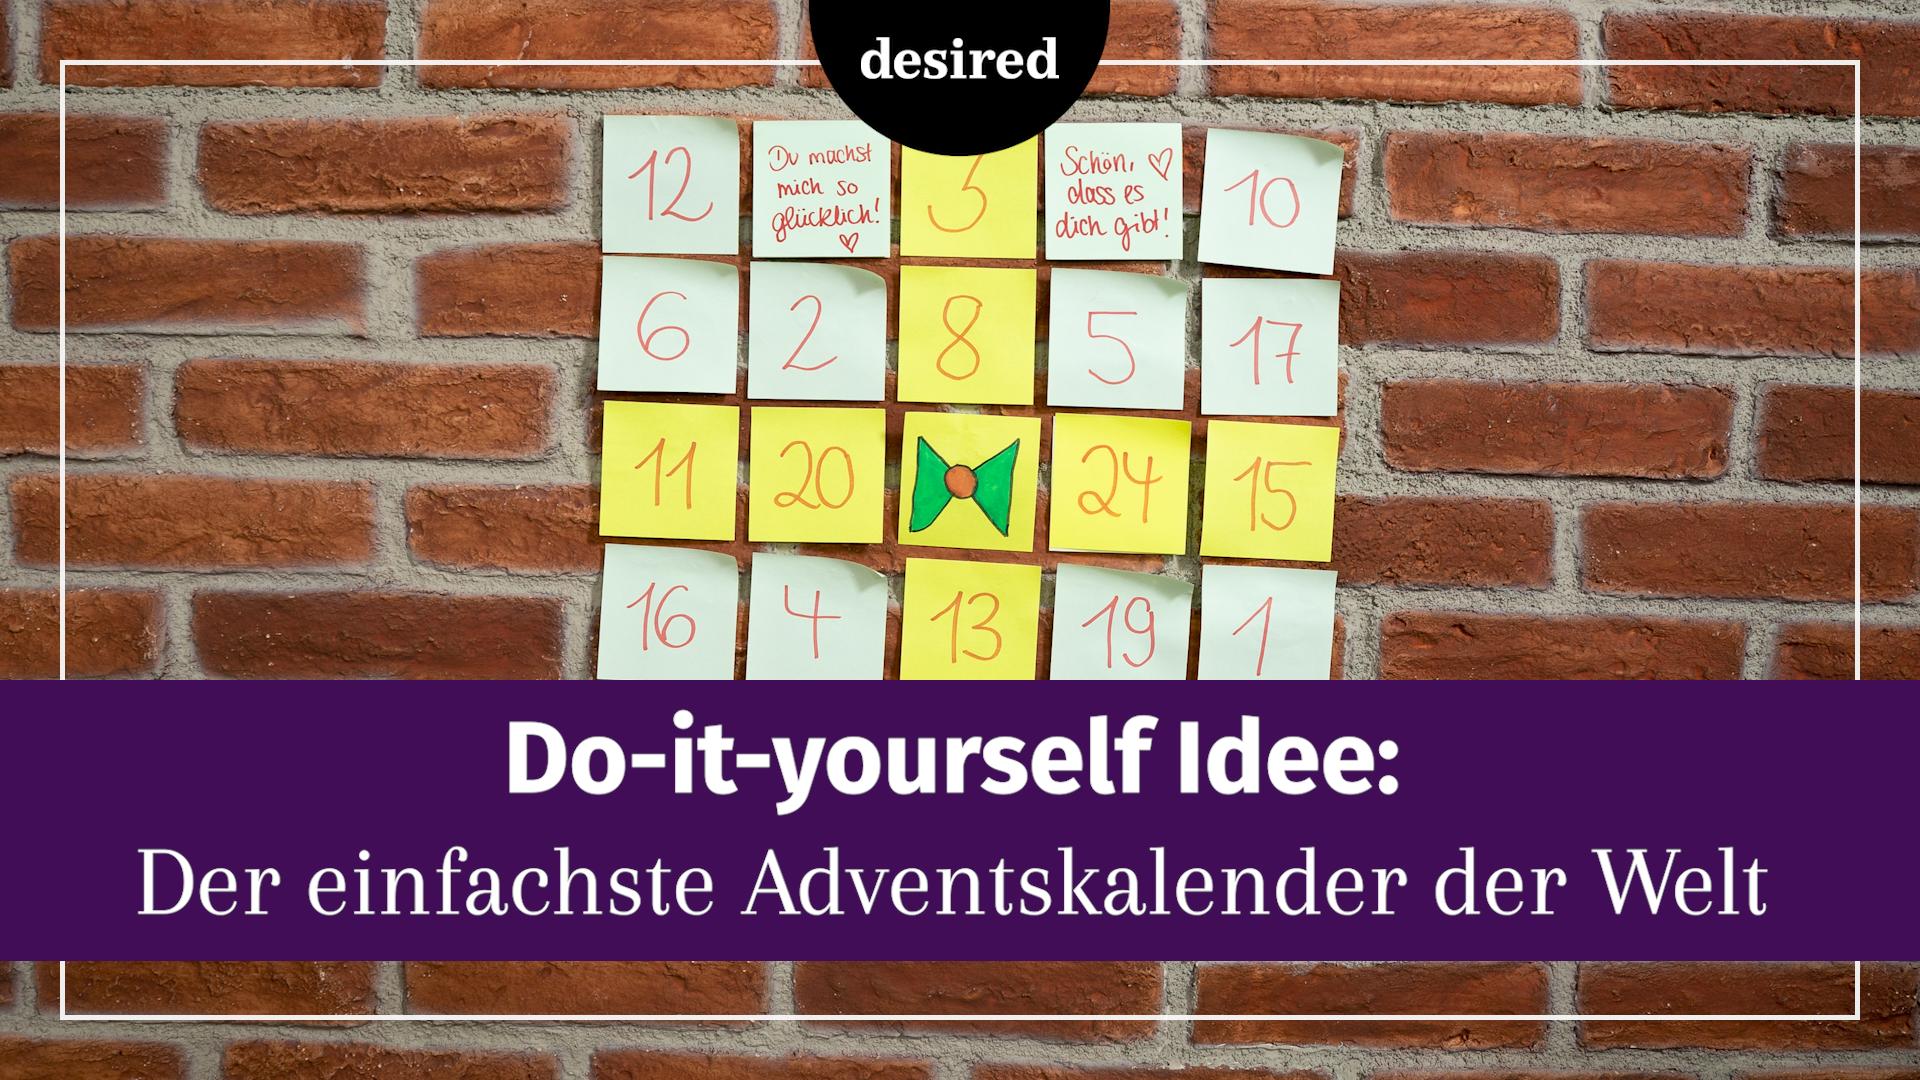 Adventskalender Für Den Freund Geniale Diy Ideen Desiredde